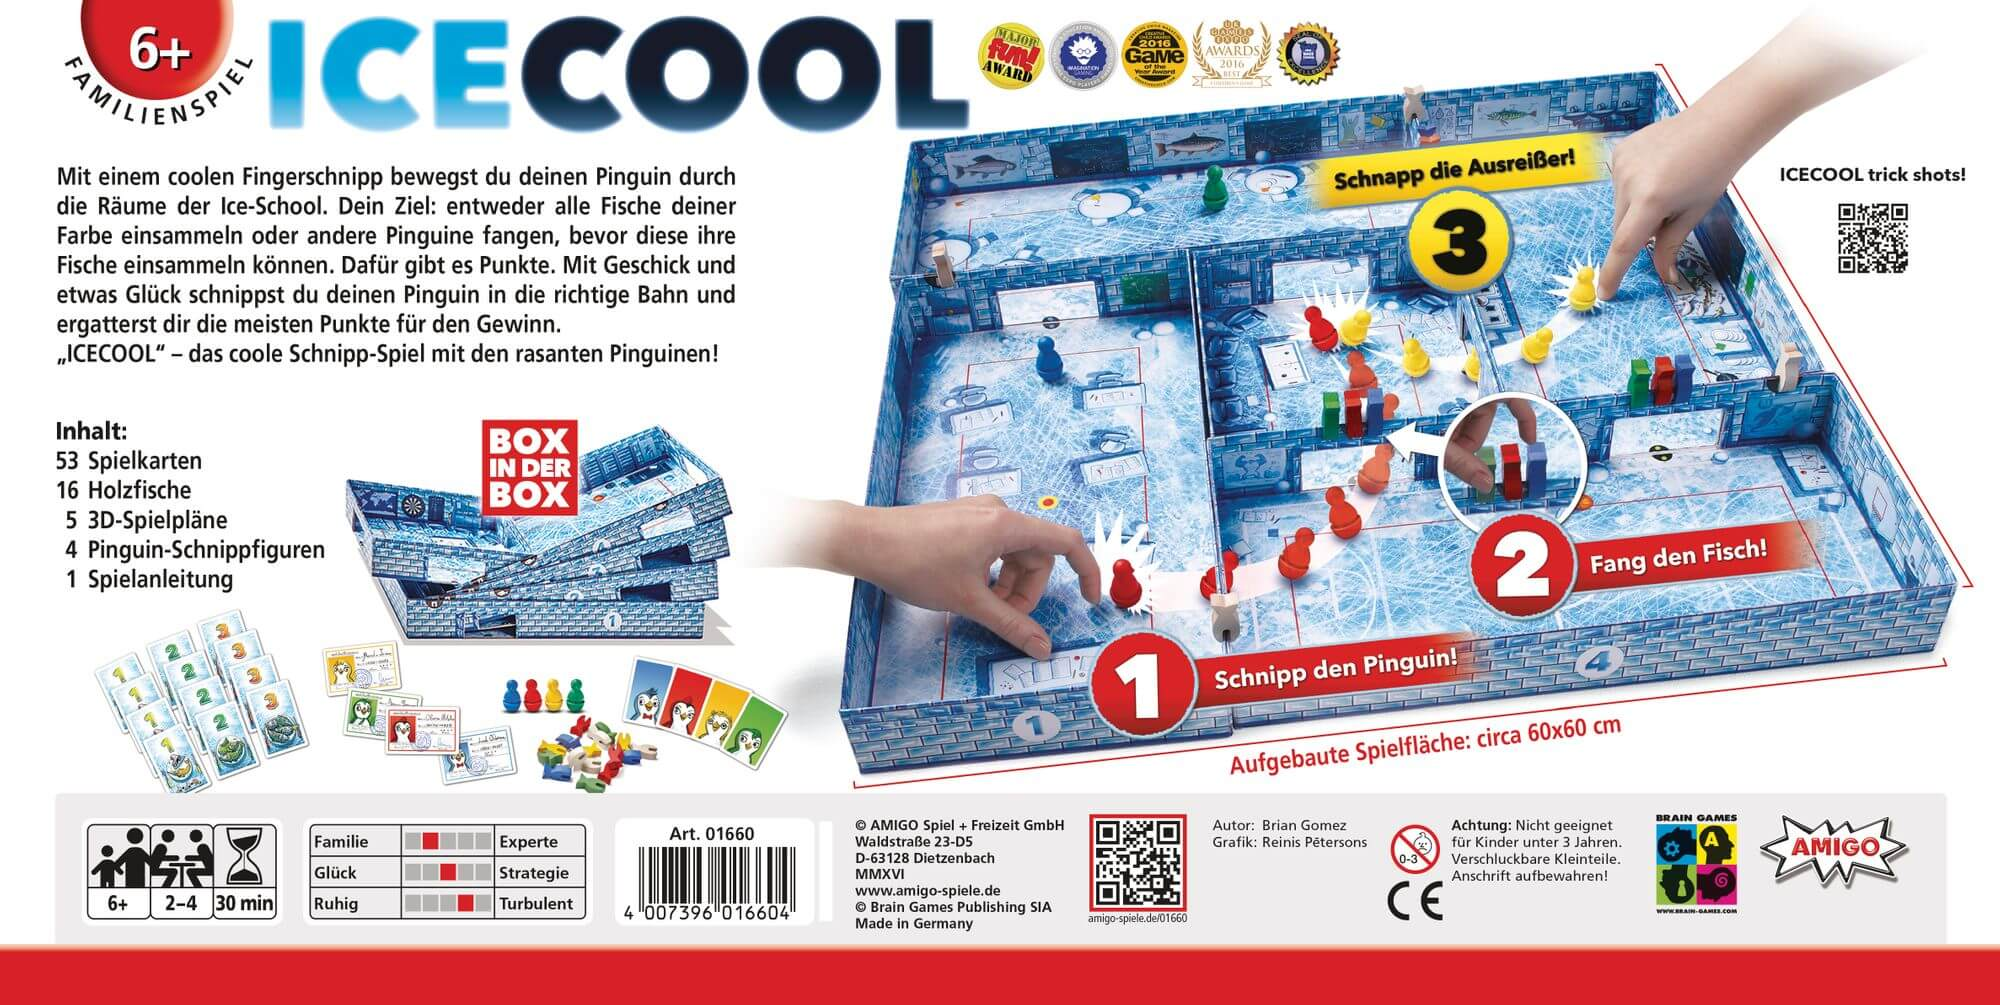 Schachtel Rückseite - Kinderspiel des Jahres 2017- ICECOOL